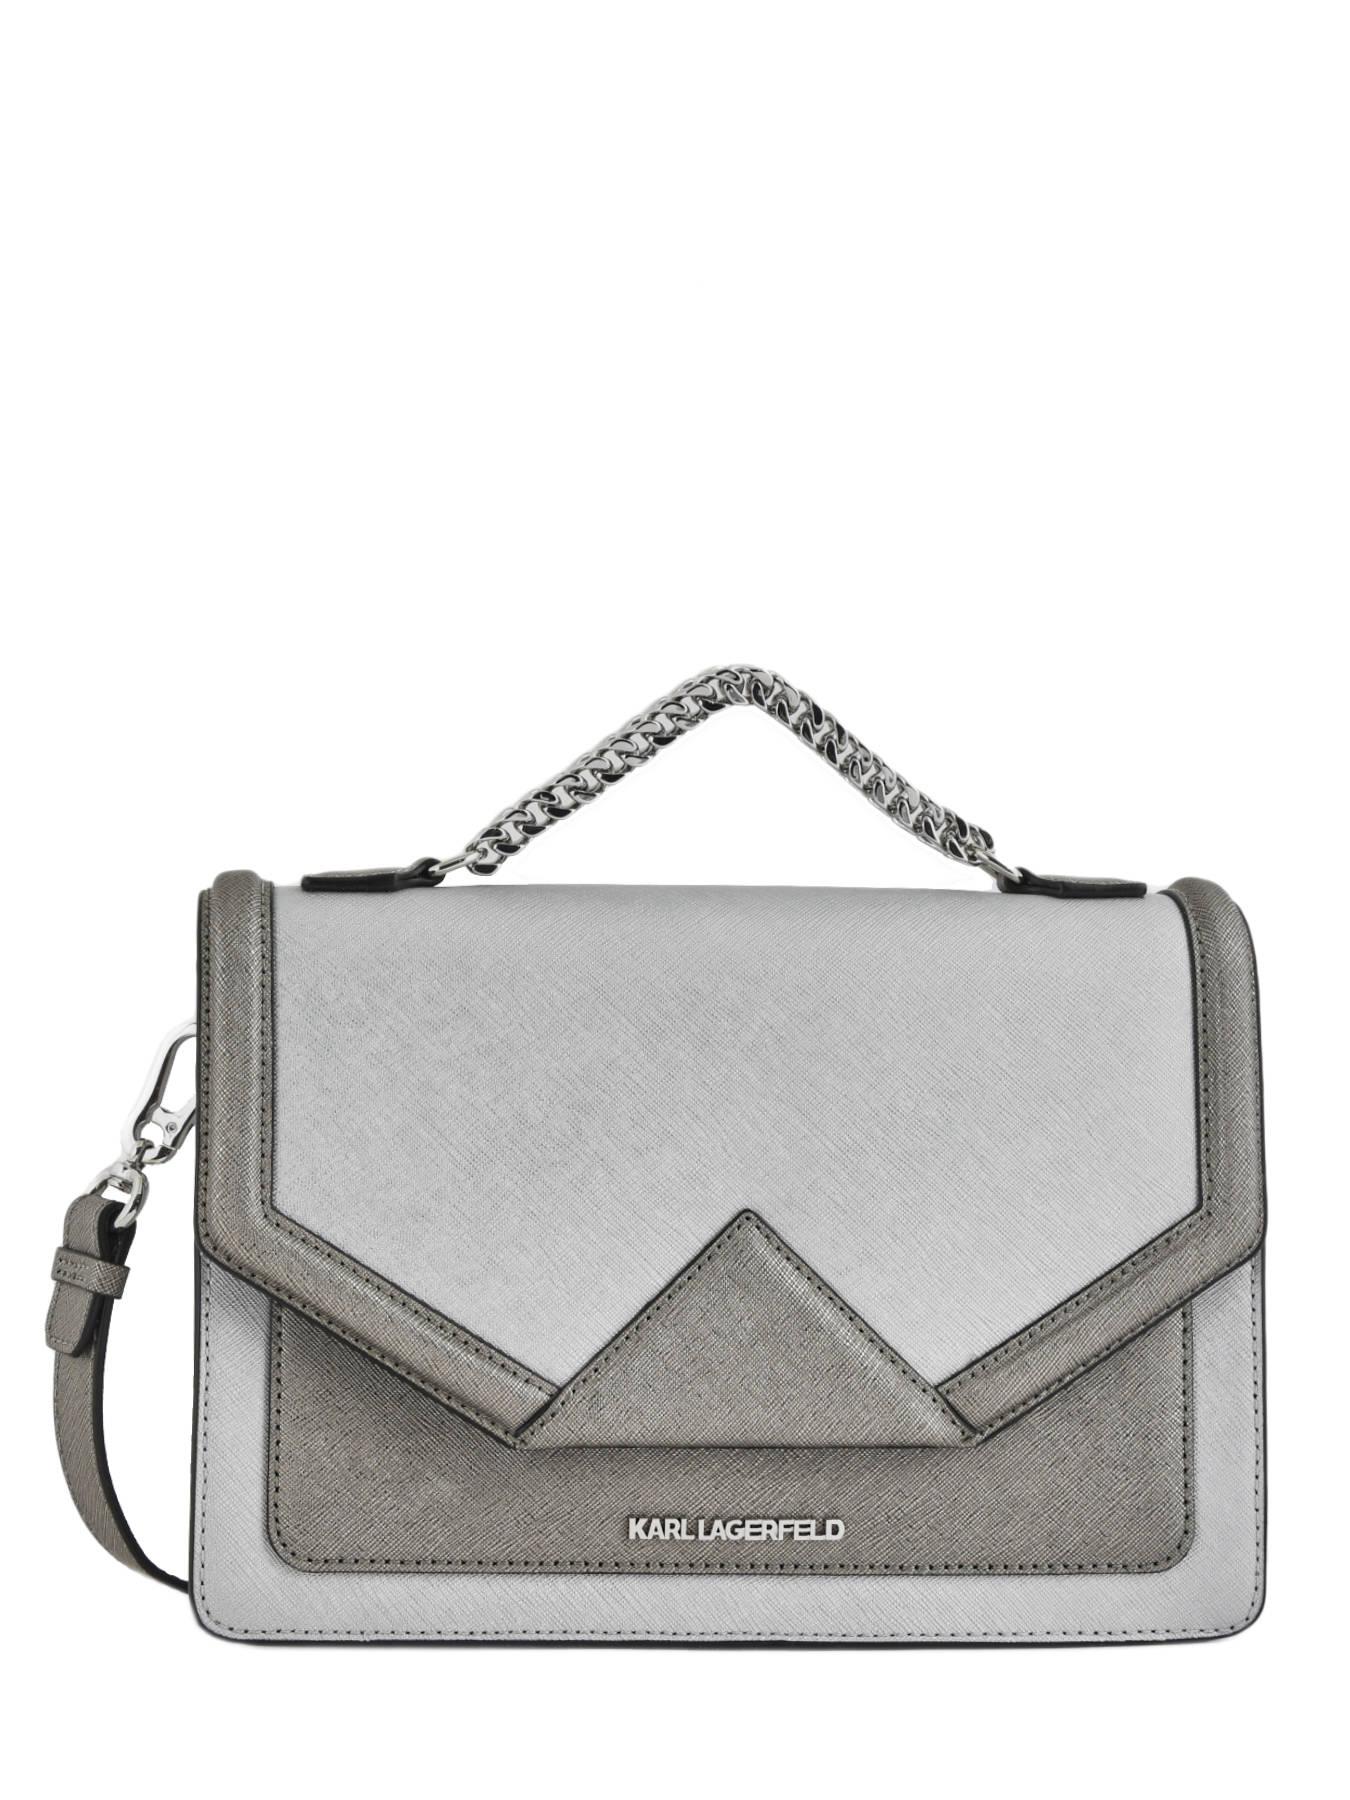 Shoulder Bag Klassik Leather Karl Lagerfeld Multicolor 81kw3023